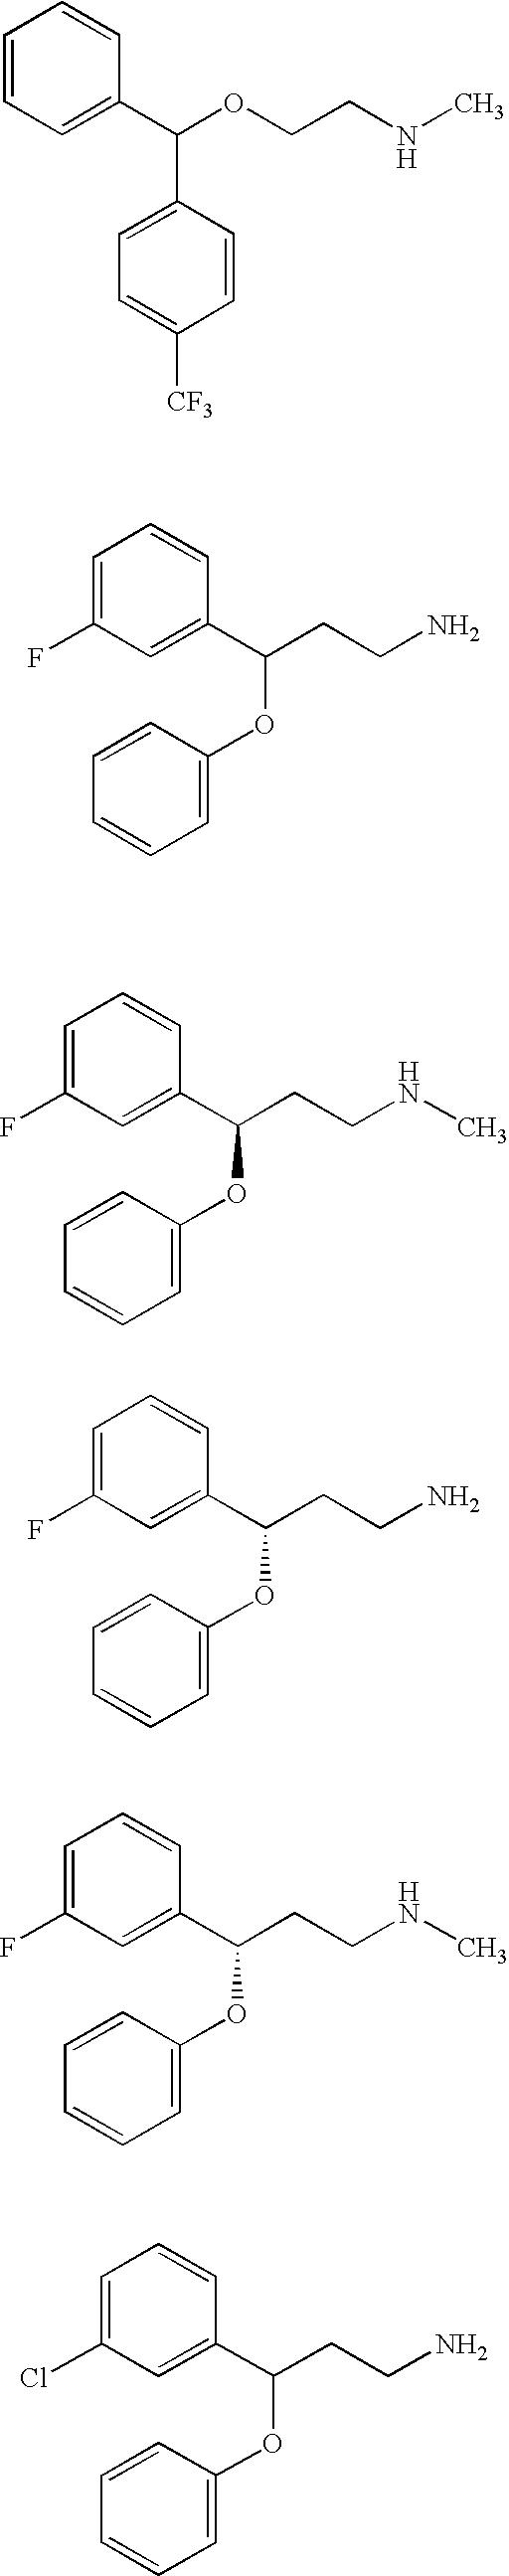 Figure US20050282859A1-20051222-C00011